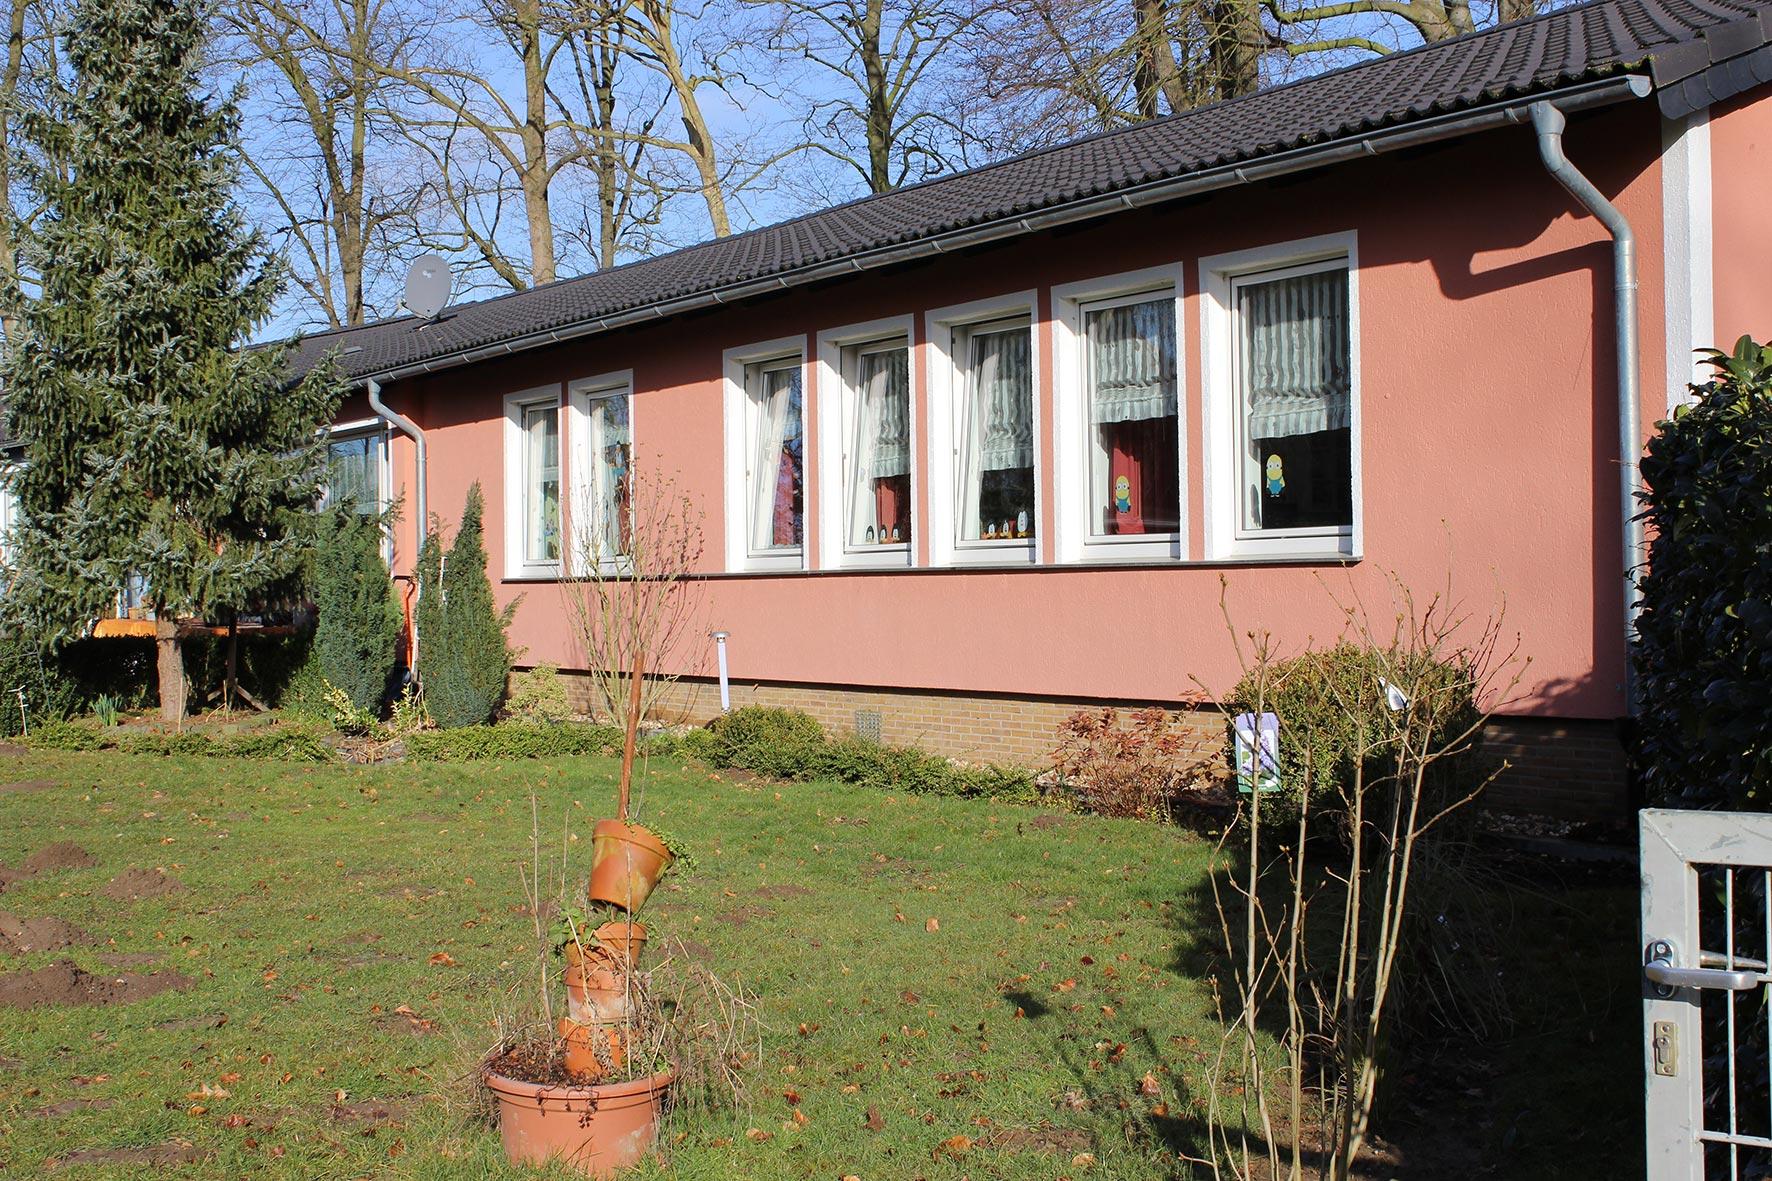 Bethanien Kinderdorf Schwalmtal